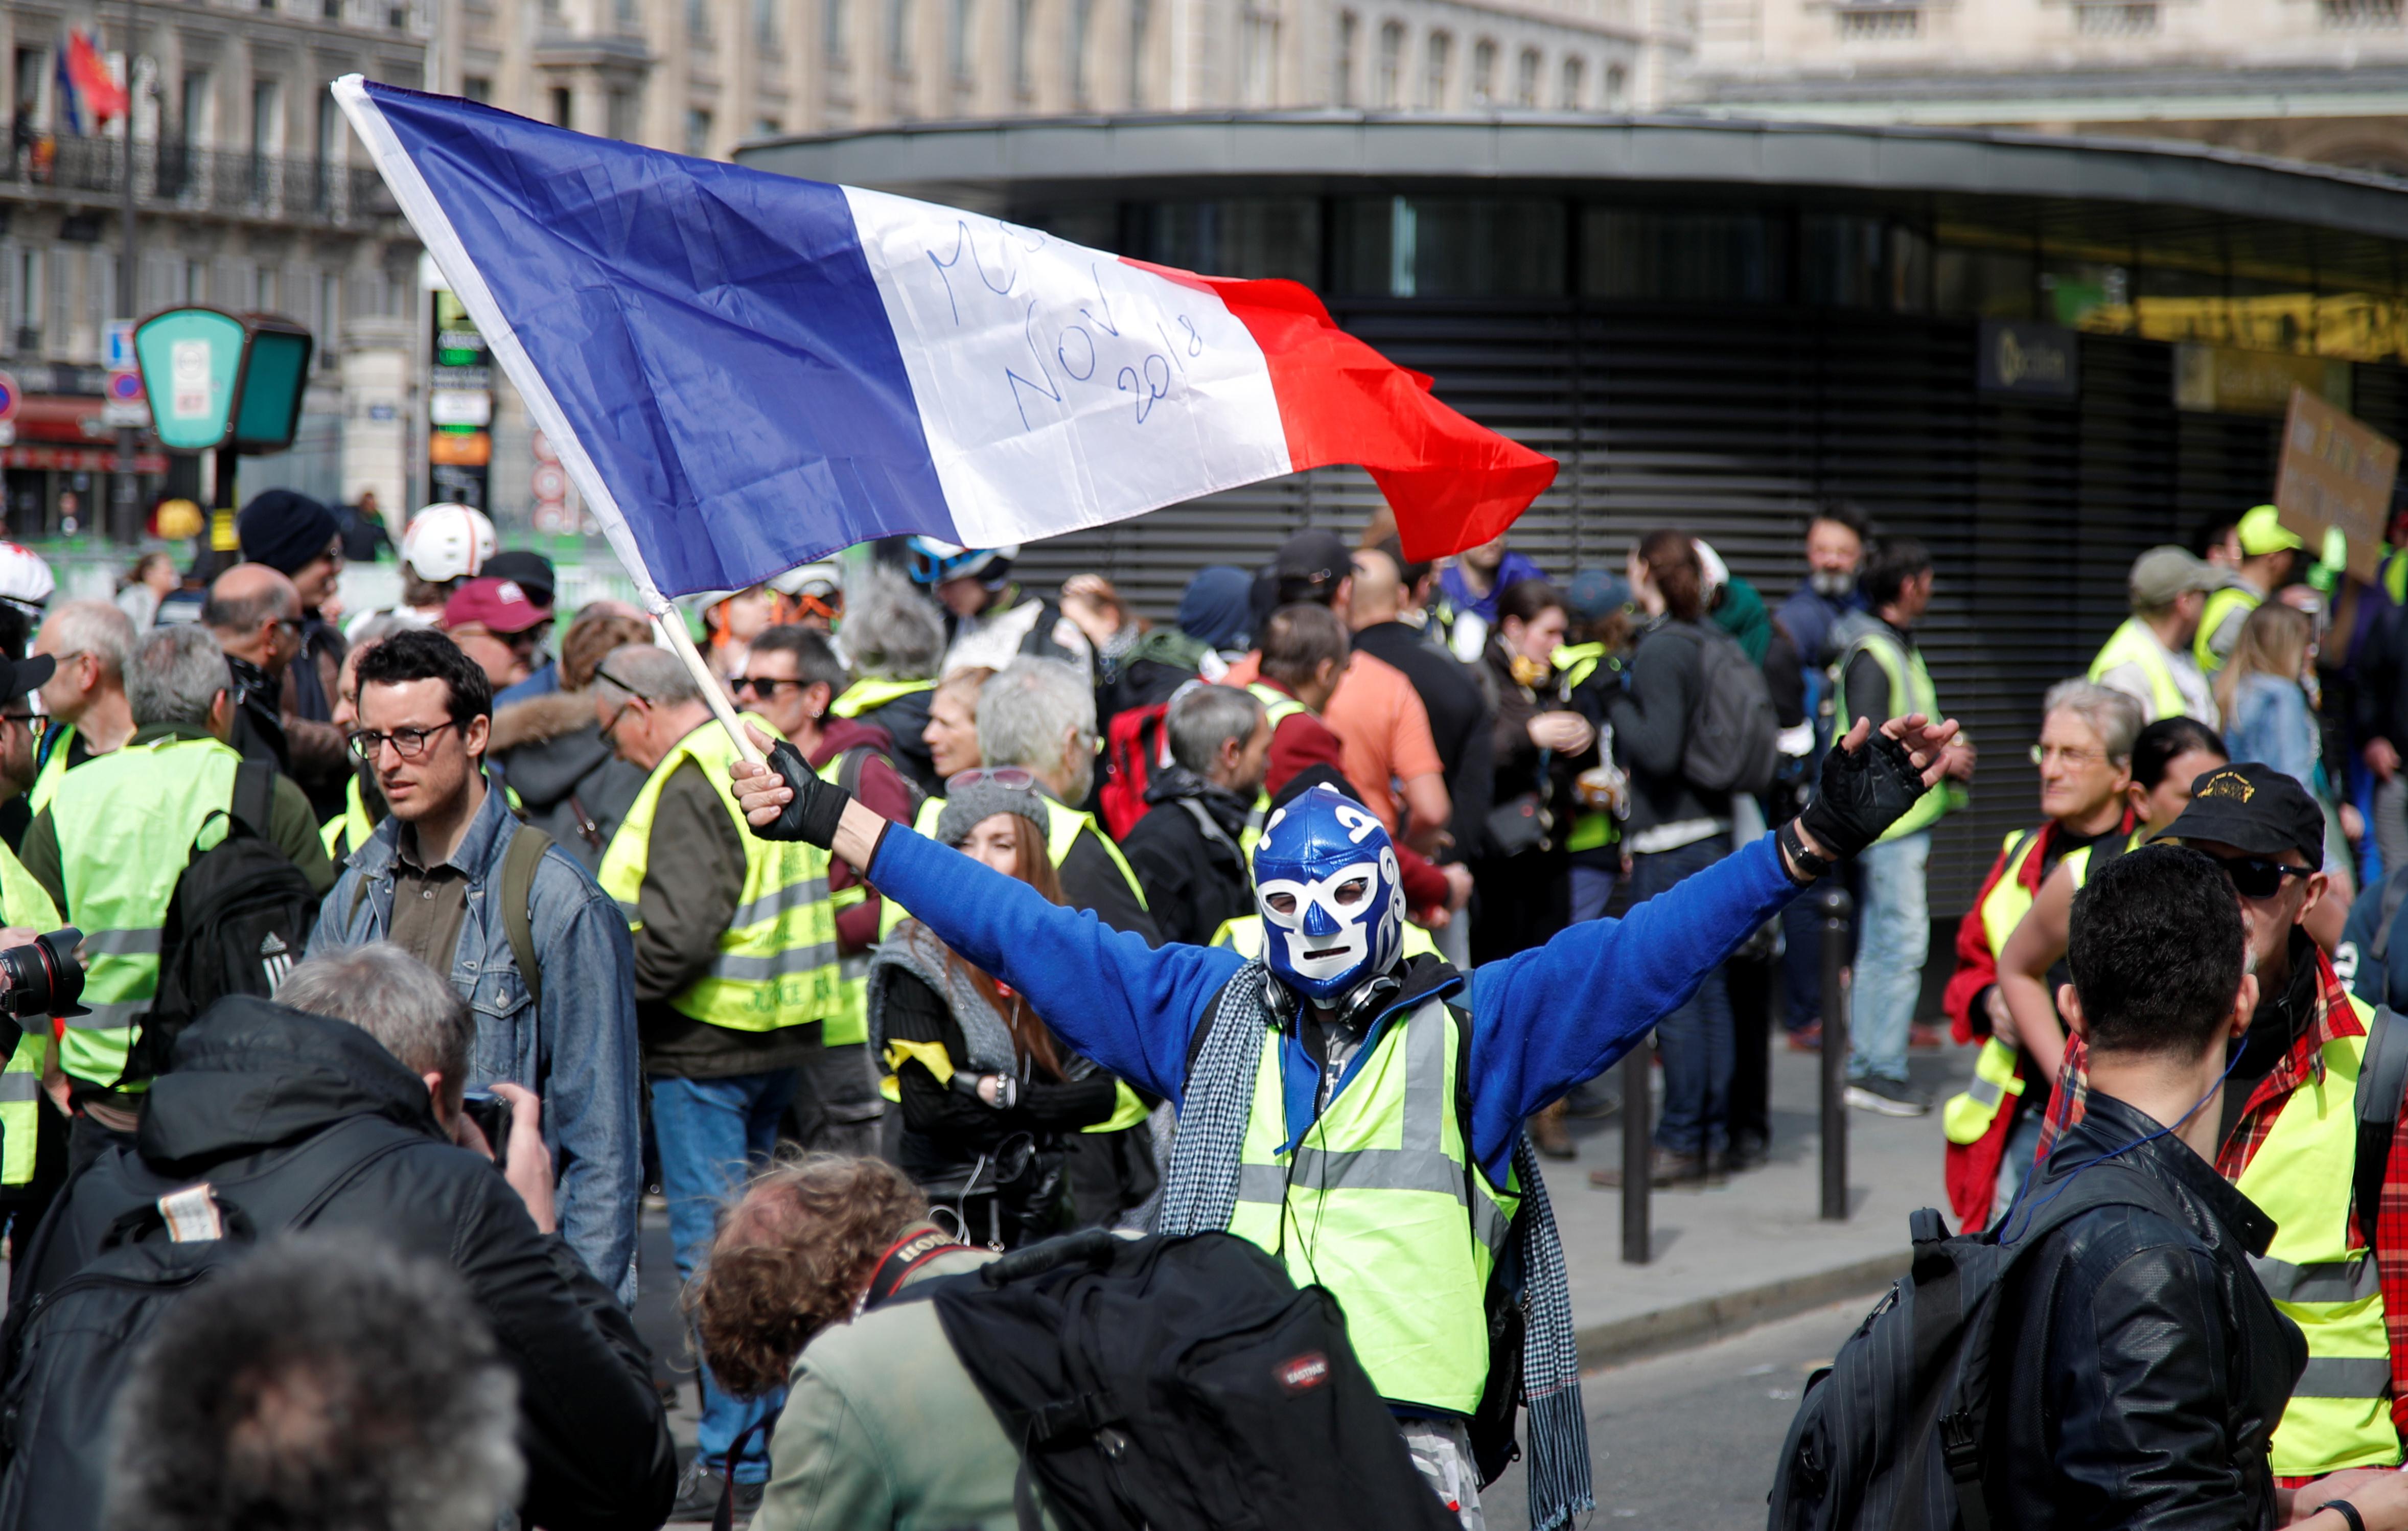 الداخلية الفرنسية: 34 ألف شخص تظاهروا احتجاجا على مشروع قانون الأمن الشامل